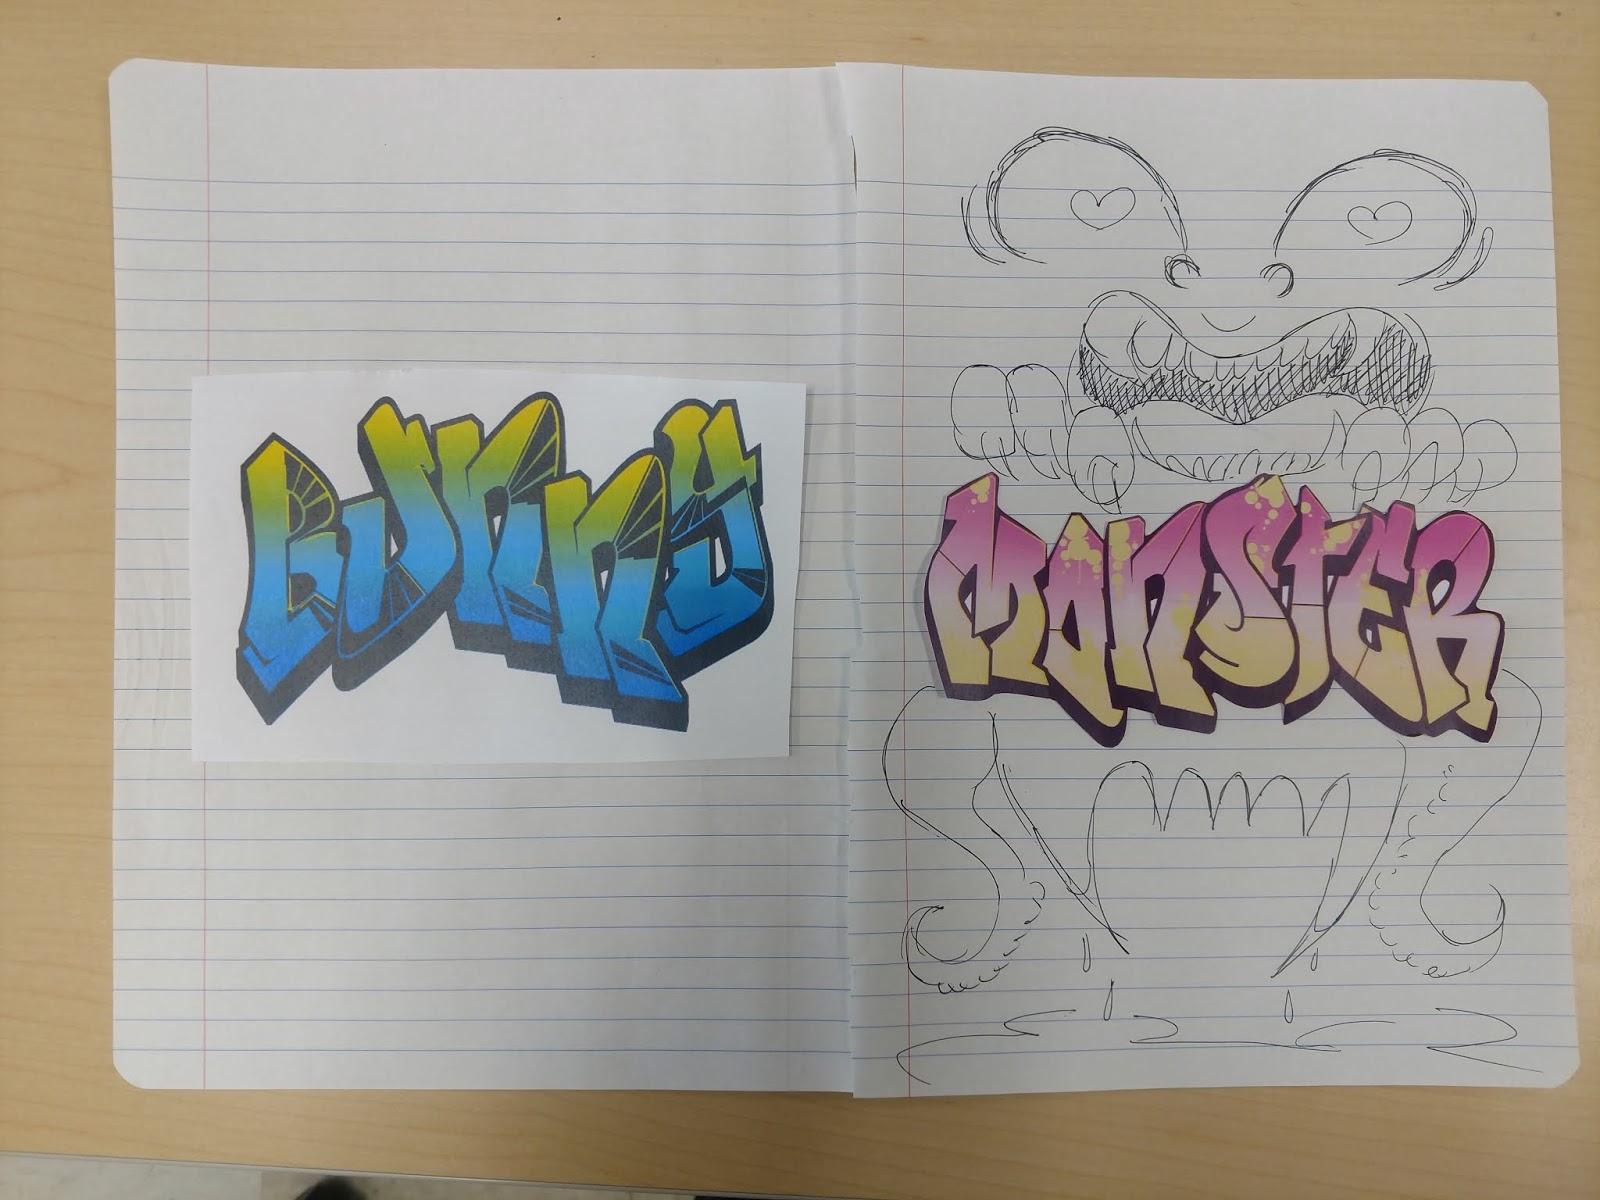 Module 2 graffiti